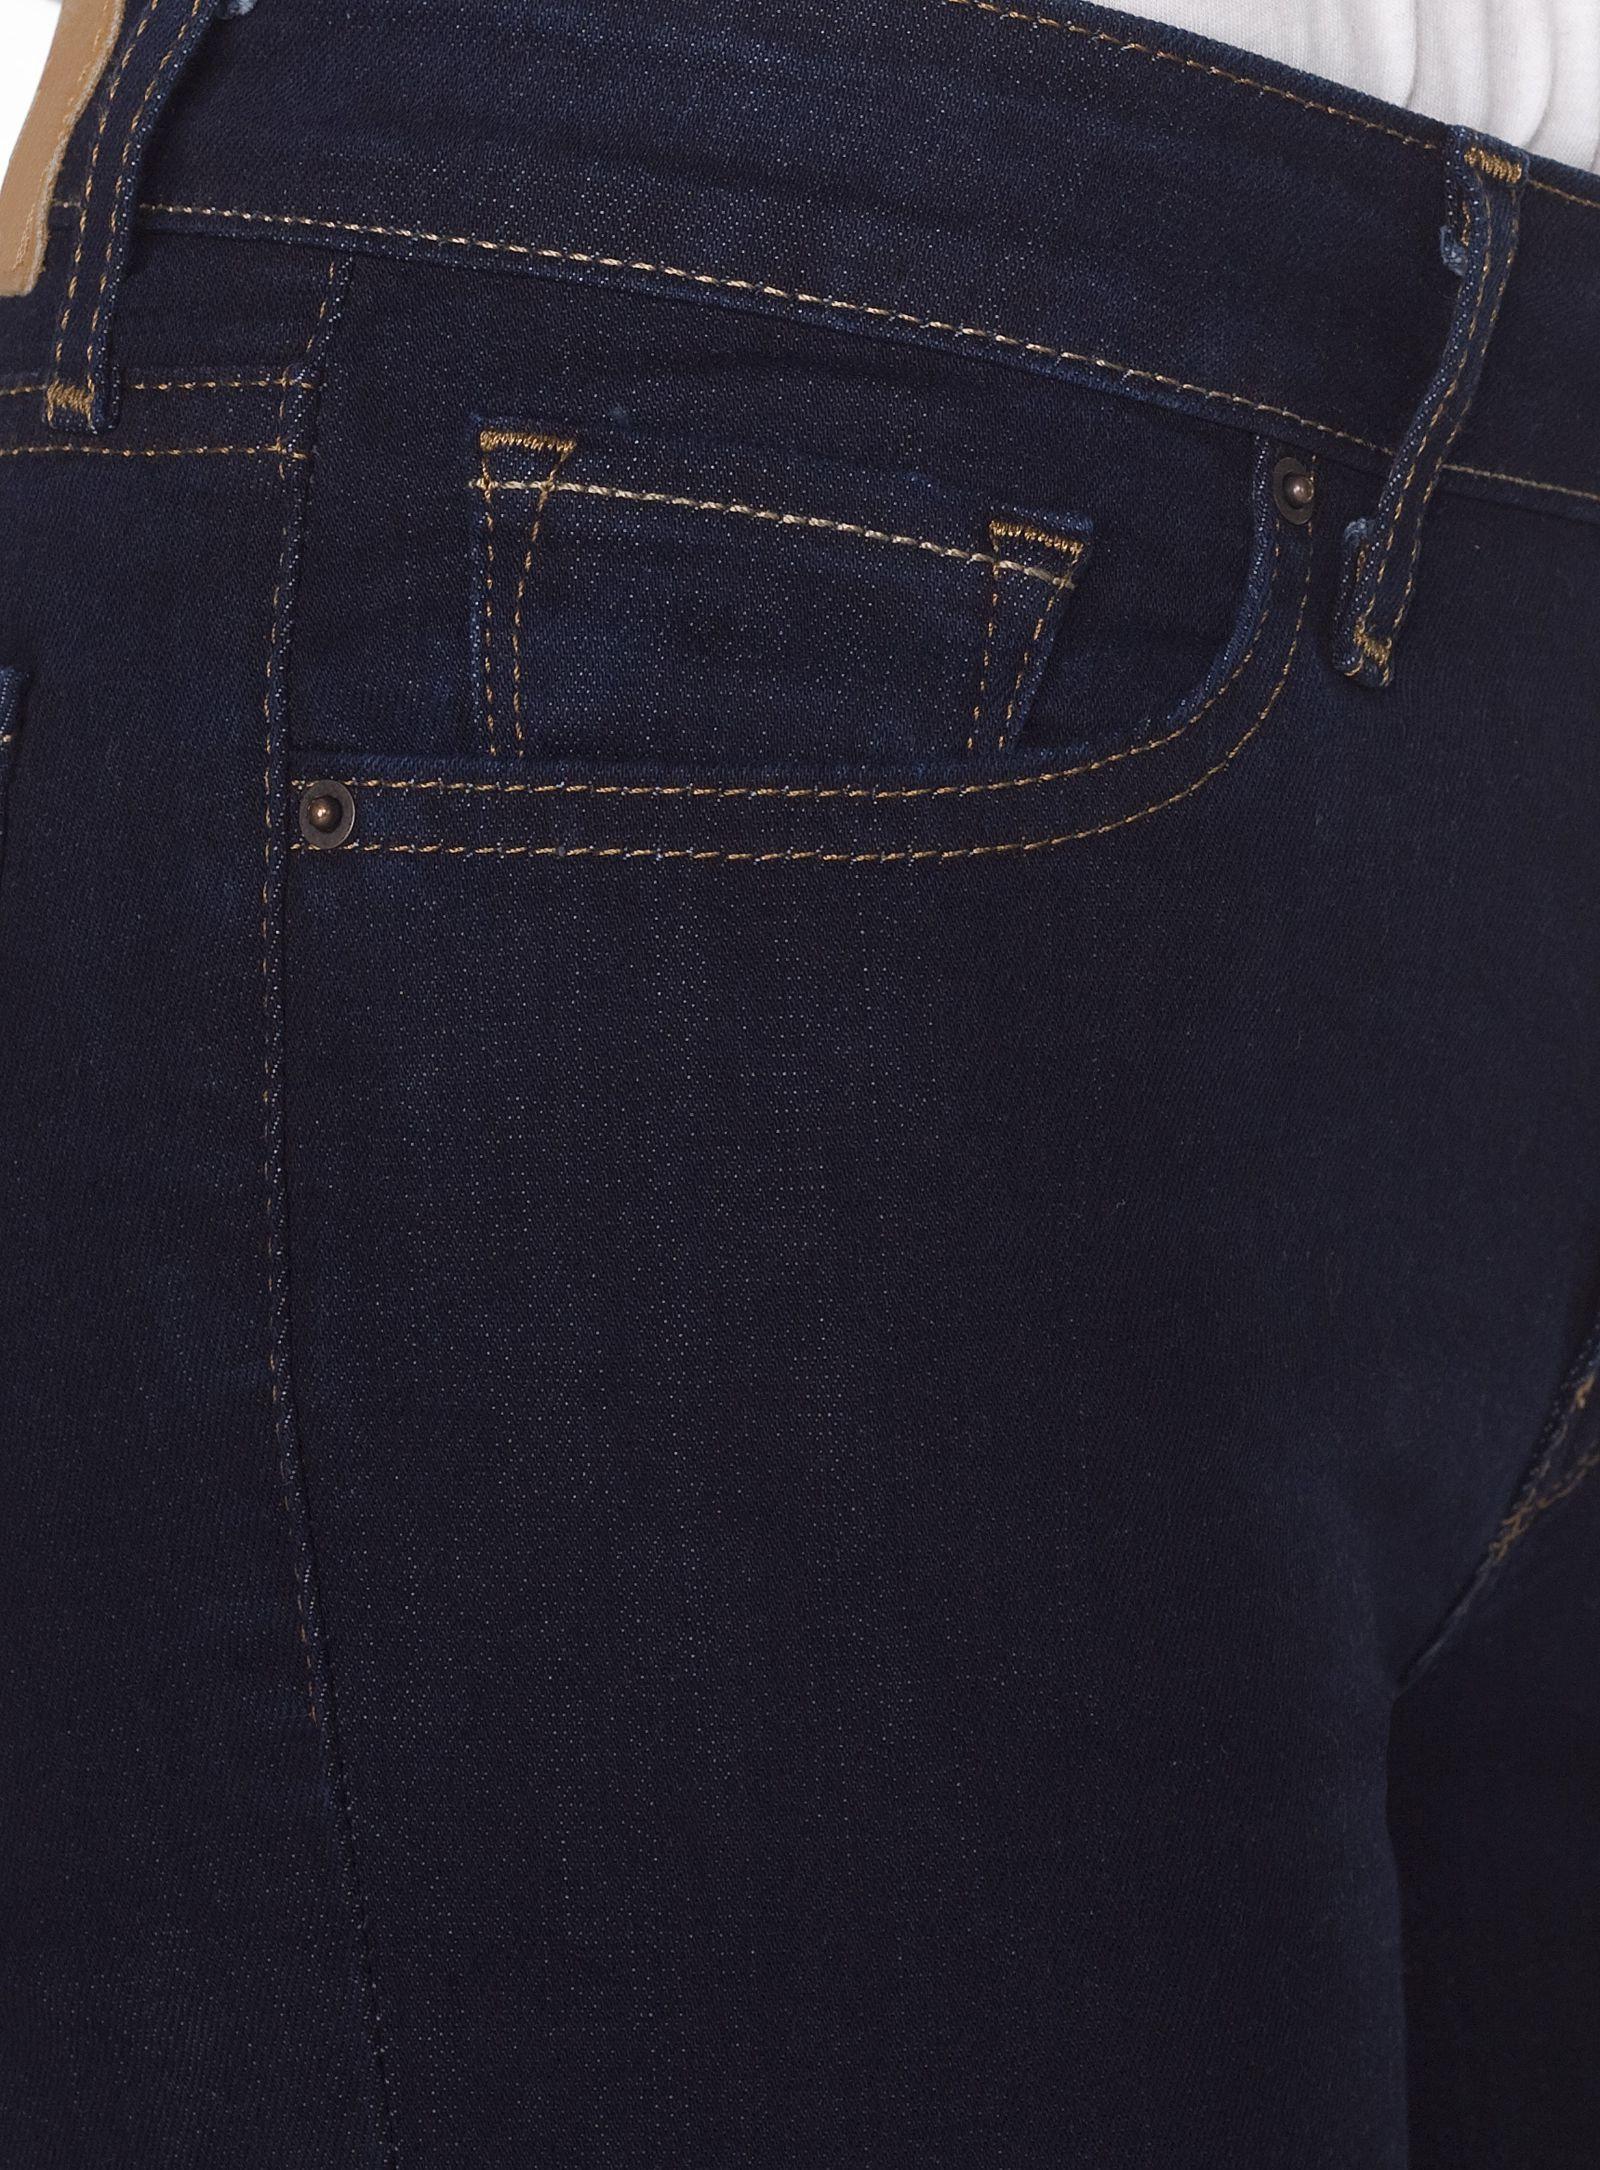 Pantalones Mezclilla Jeans Mujer Lizao Mx